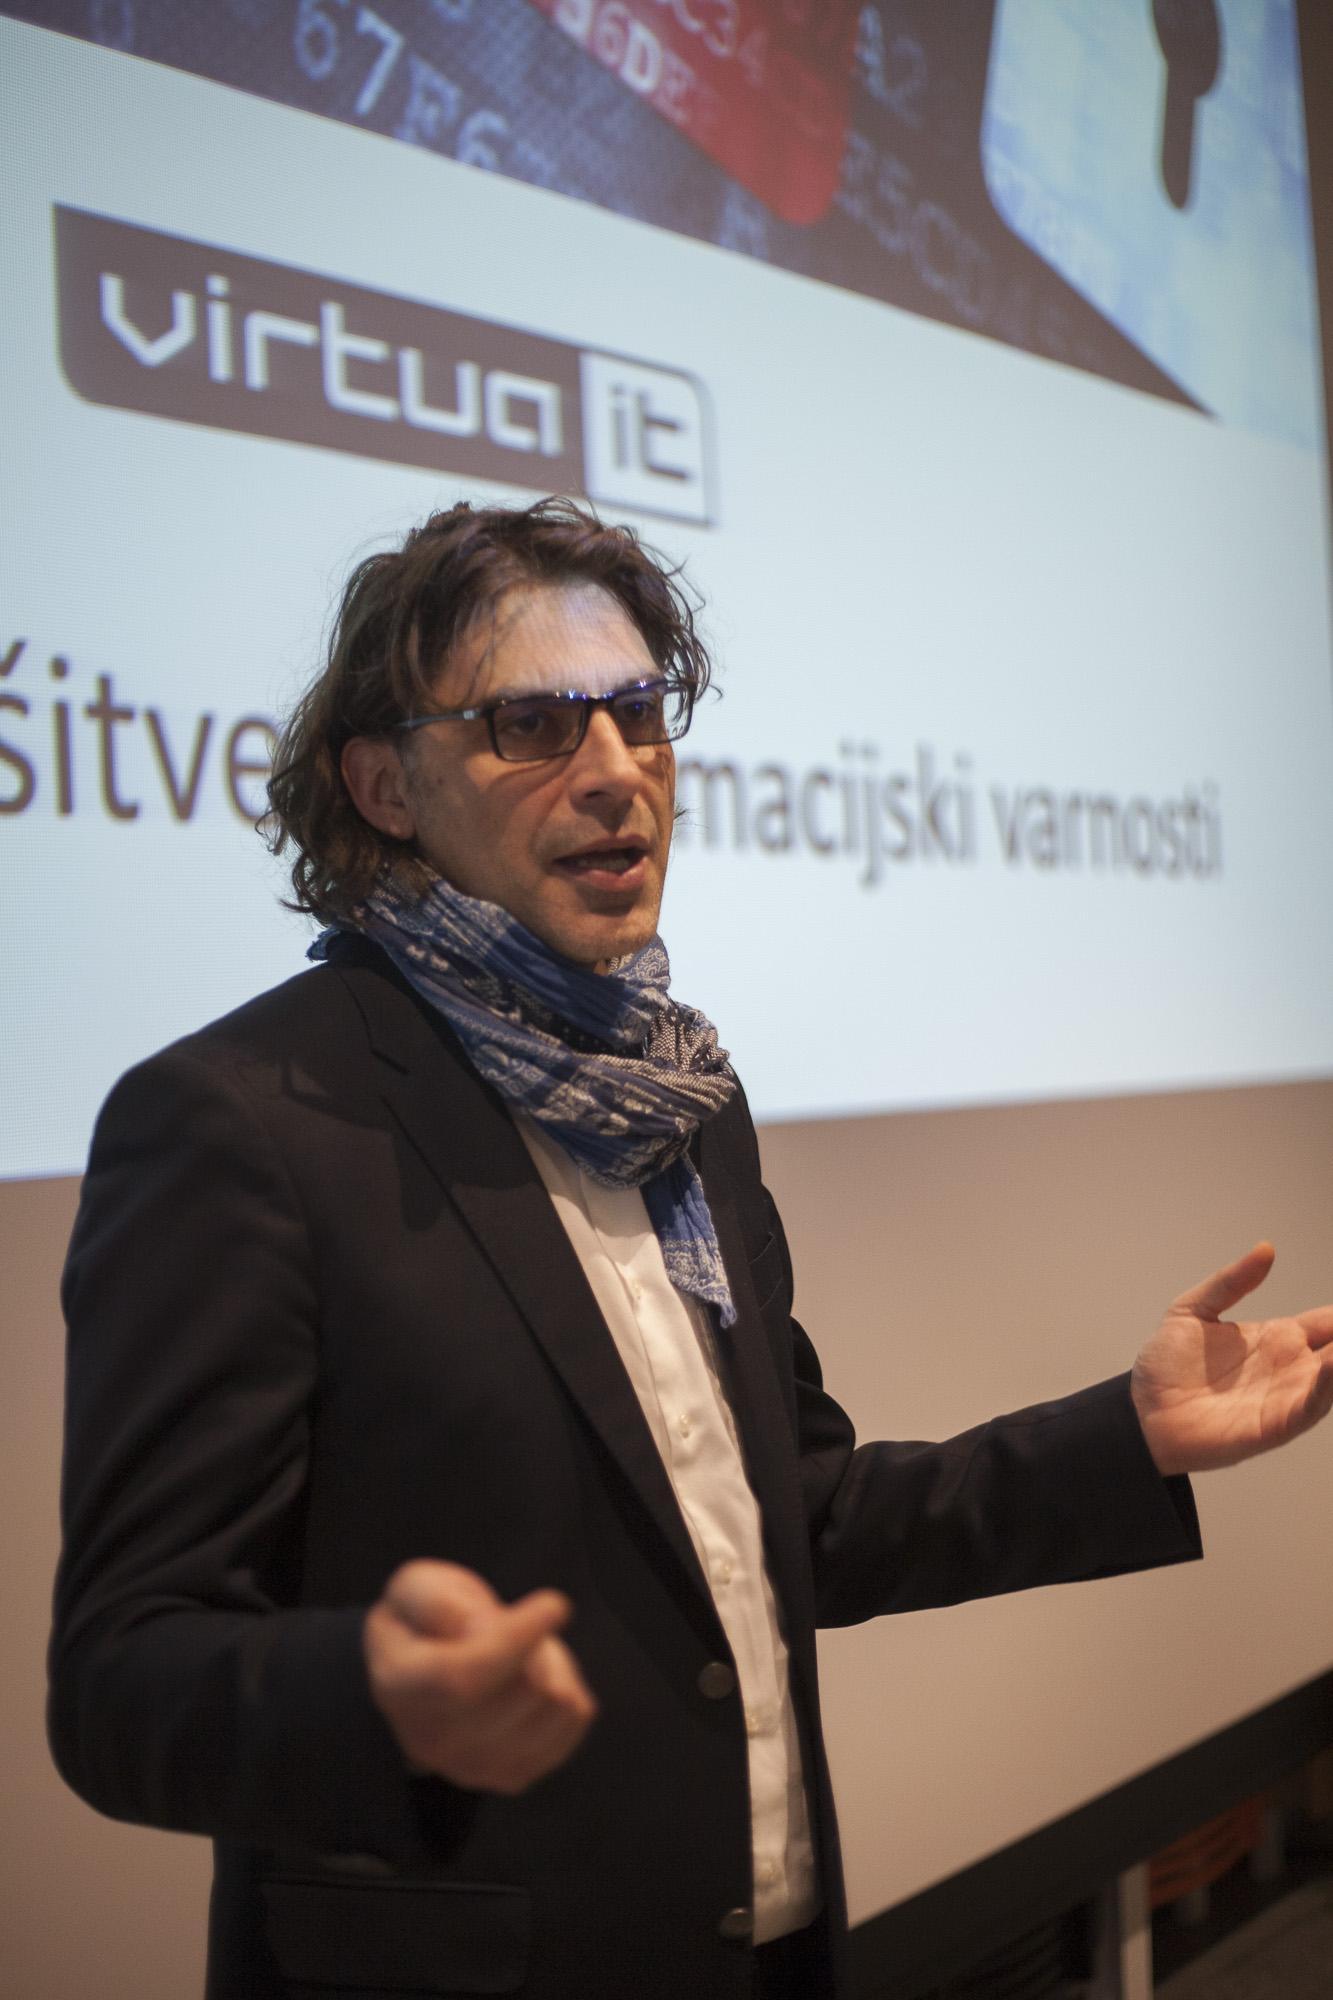 Foto: Miha Maček